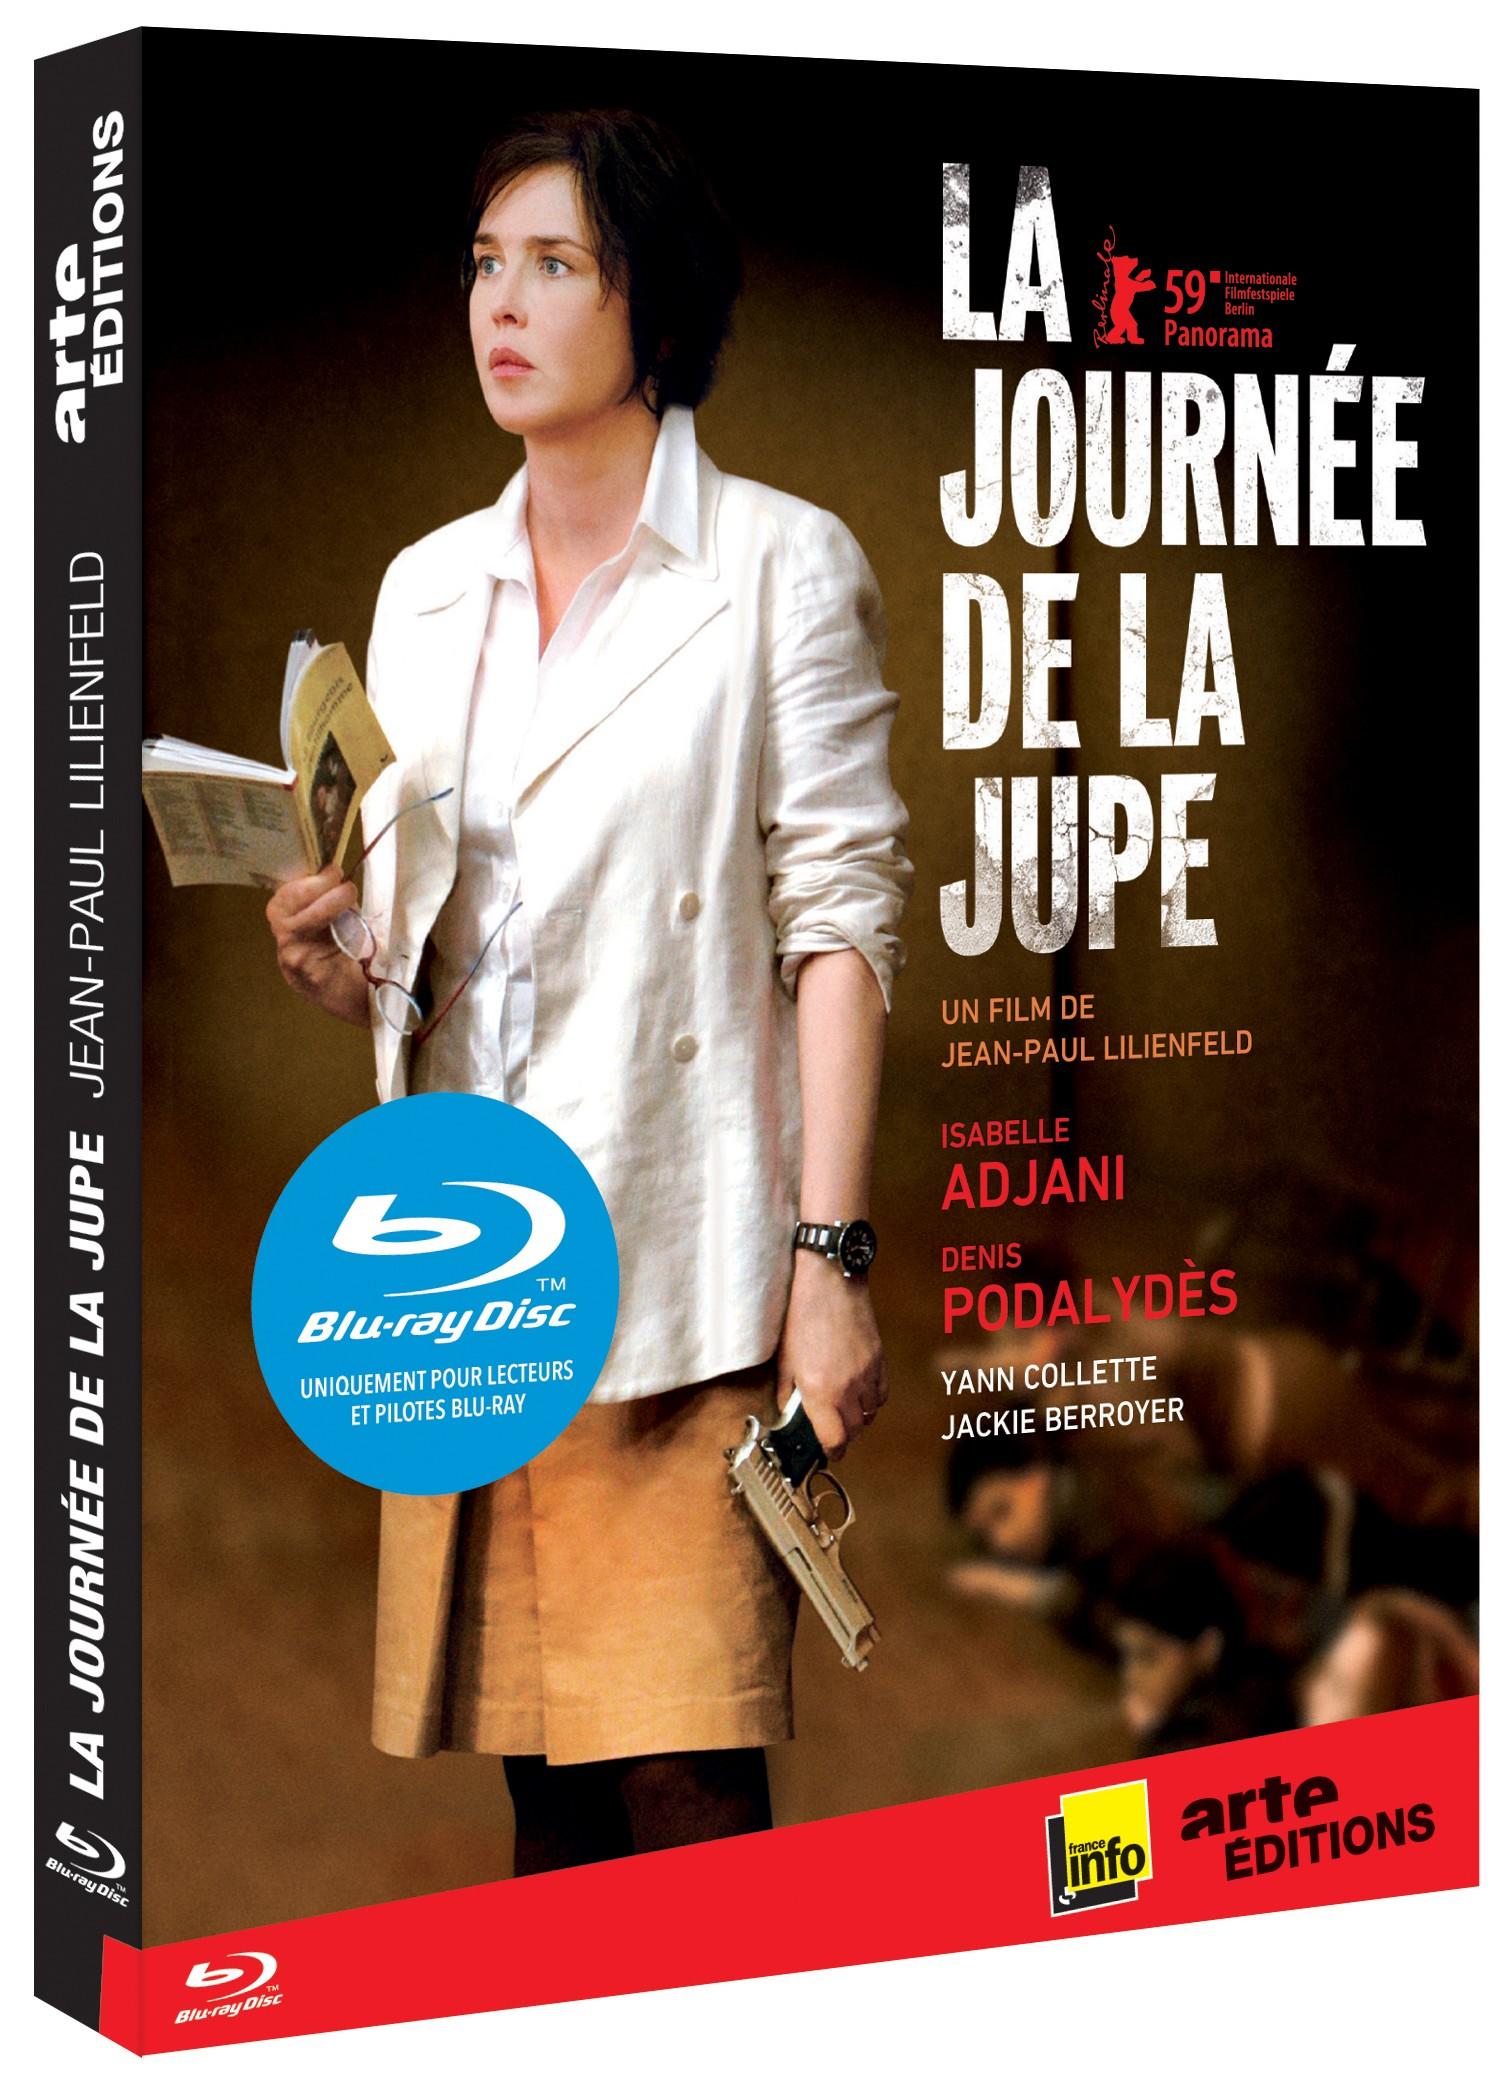 73430852d9d3dd La Journée de la jupe en Dvd & Blu-Ray